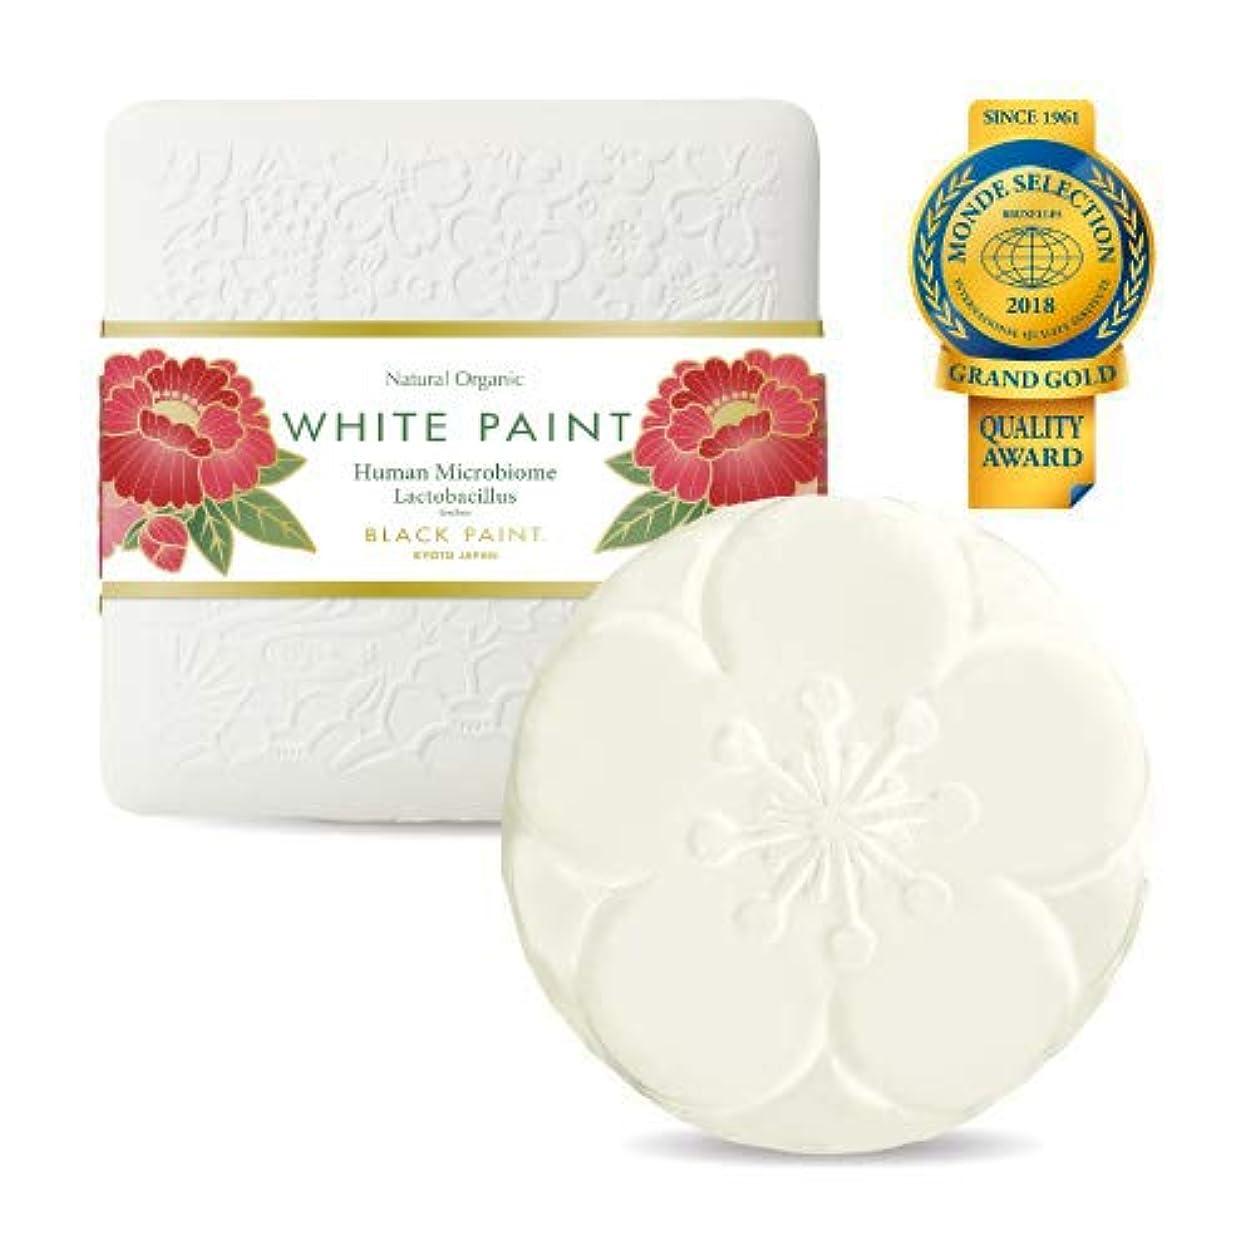 ドール補体間隔乳酸菌入り プレミアム ホワイトペイント 60g ハーフサイズ 塗る洗顔 石鹸 無添加 国産 …